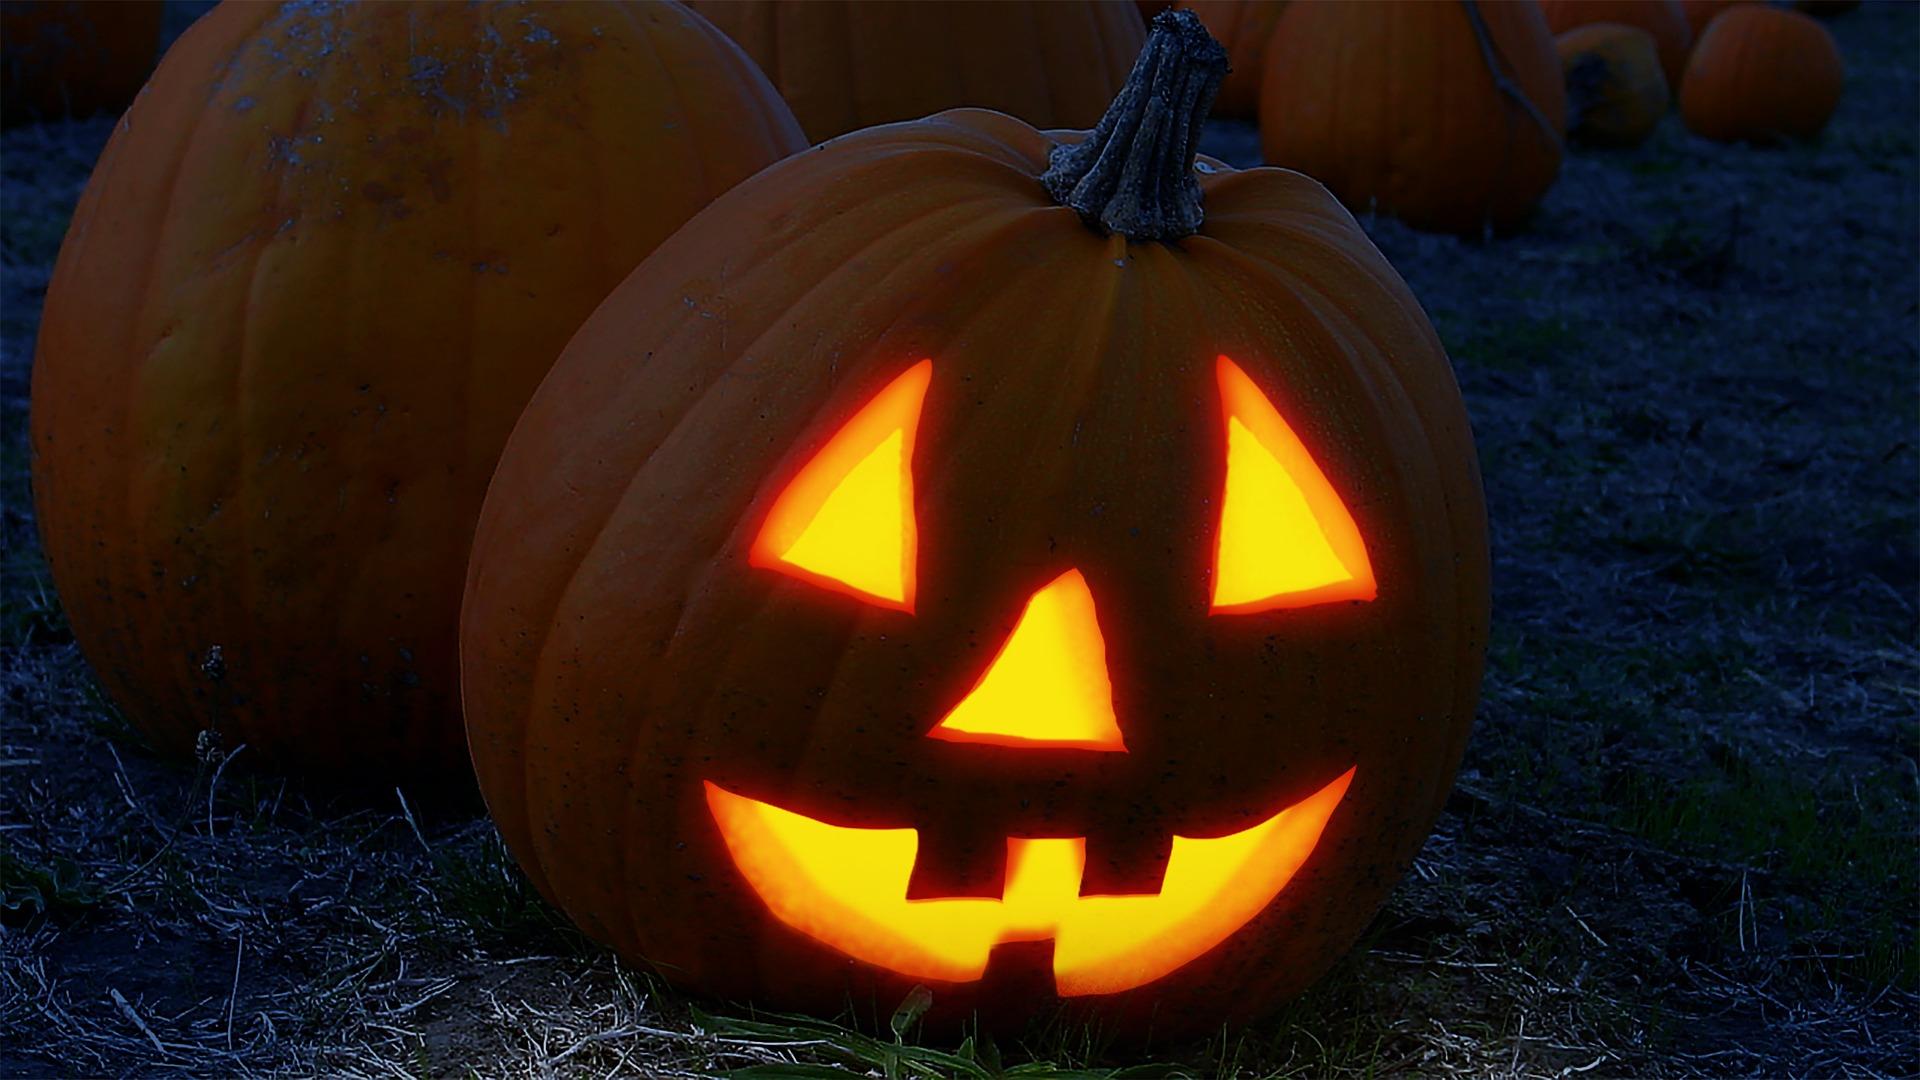 Les chauchemars pour tout gestionnaire de flotte edition Halloween